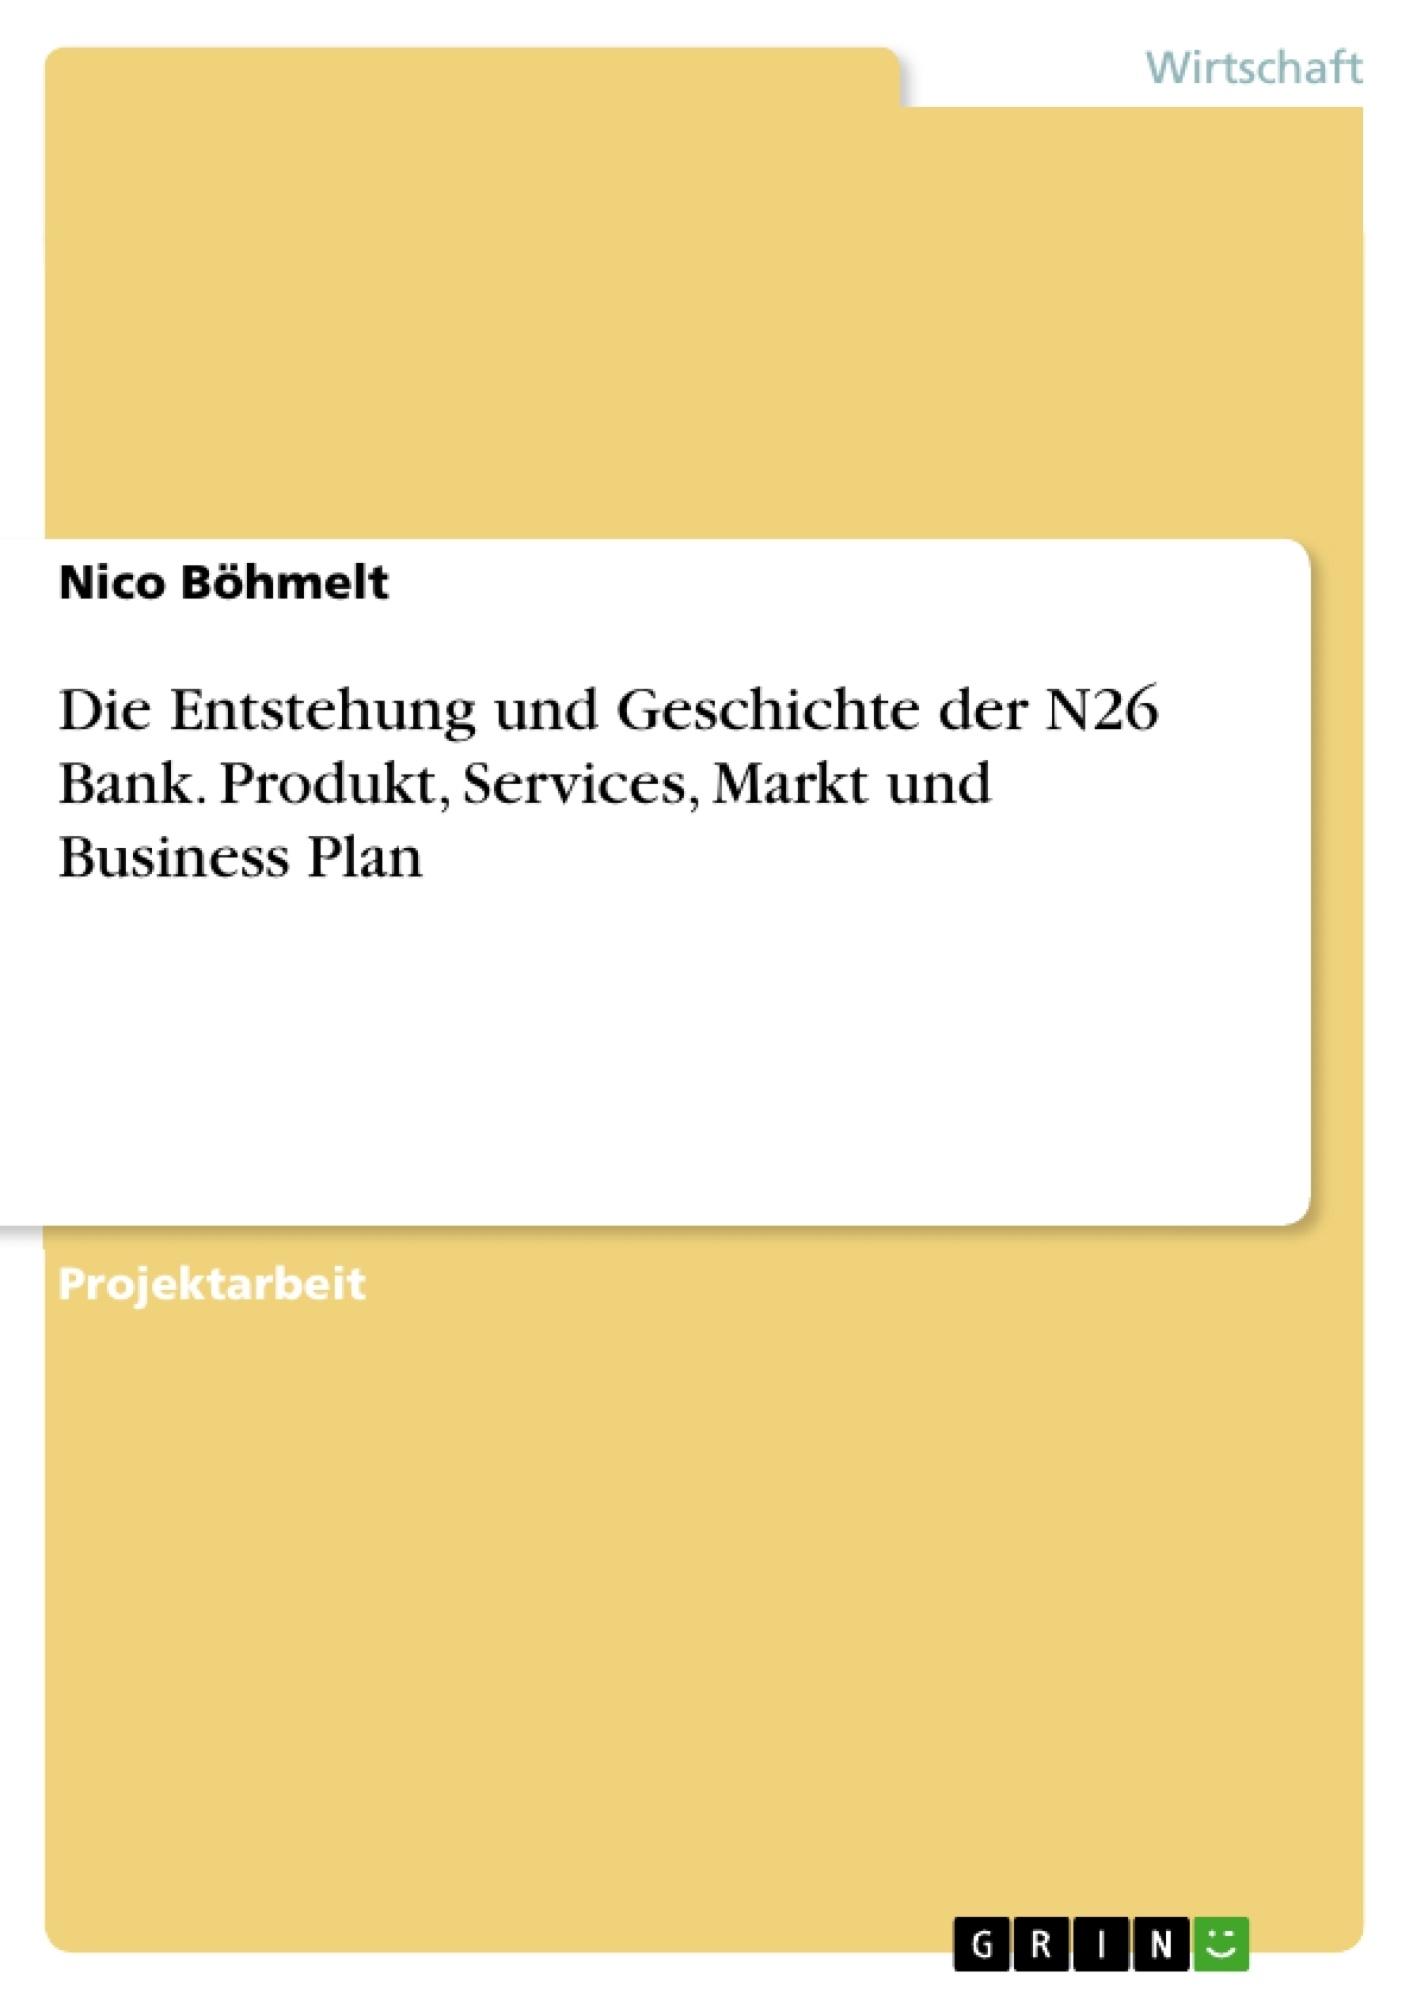 Titel: Die Entstehung und Geschichte der N26 Bank. Produkt, Services, Markt und Business Plan